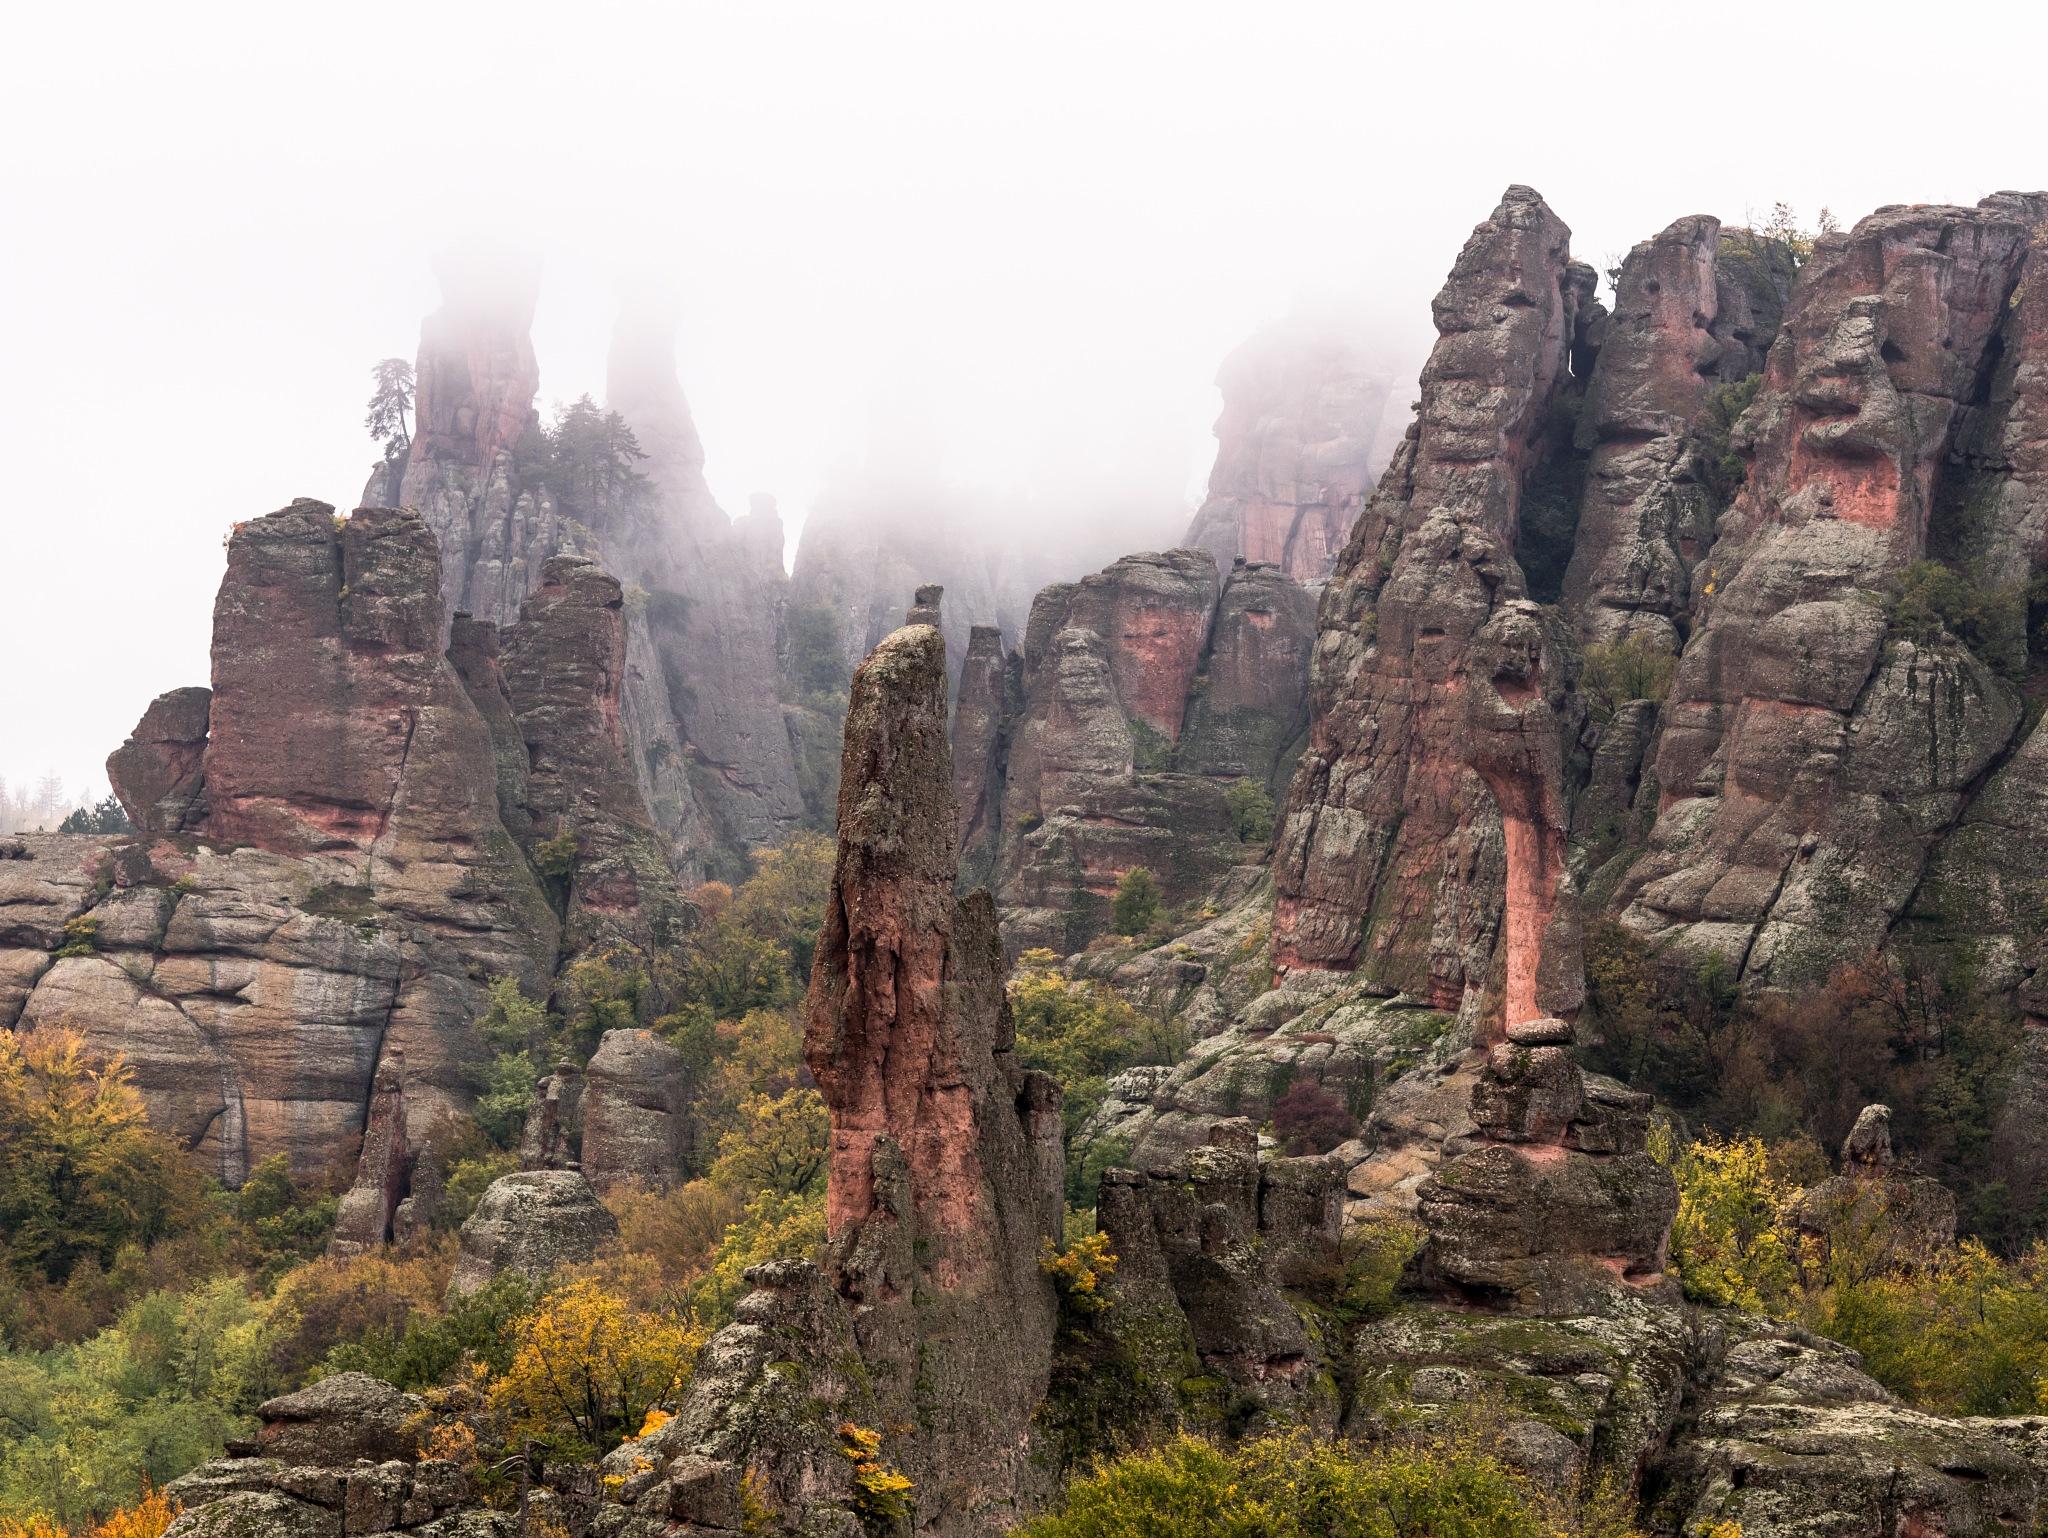 Autumn between rocks by Stanvas